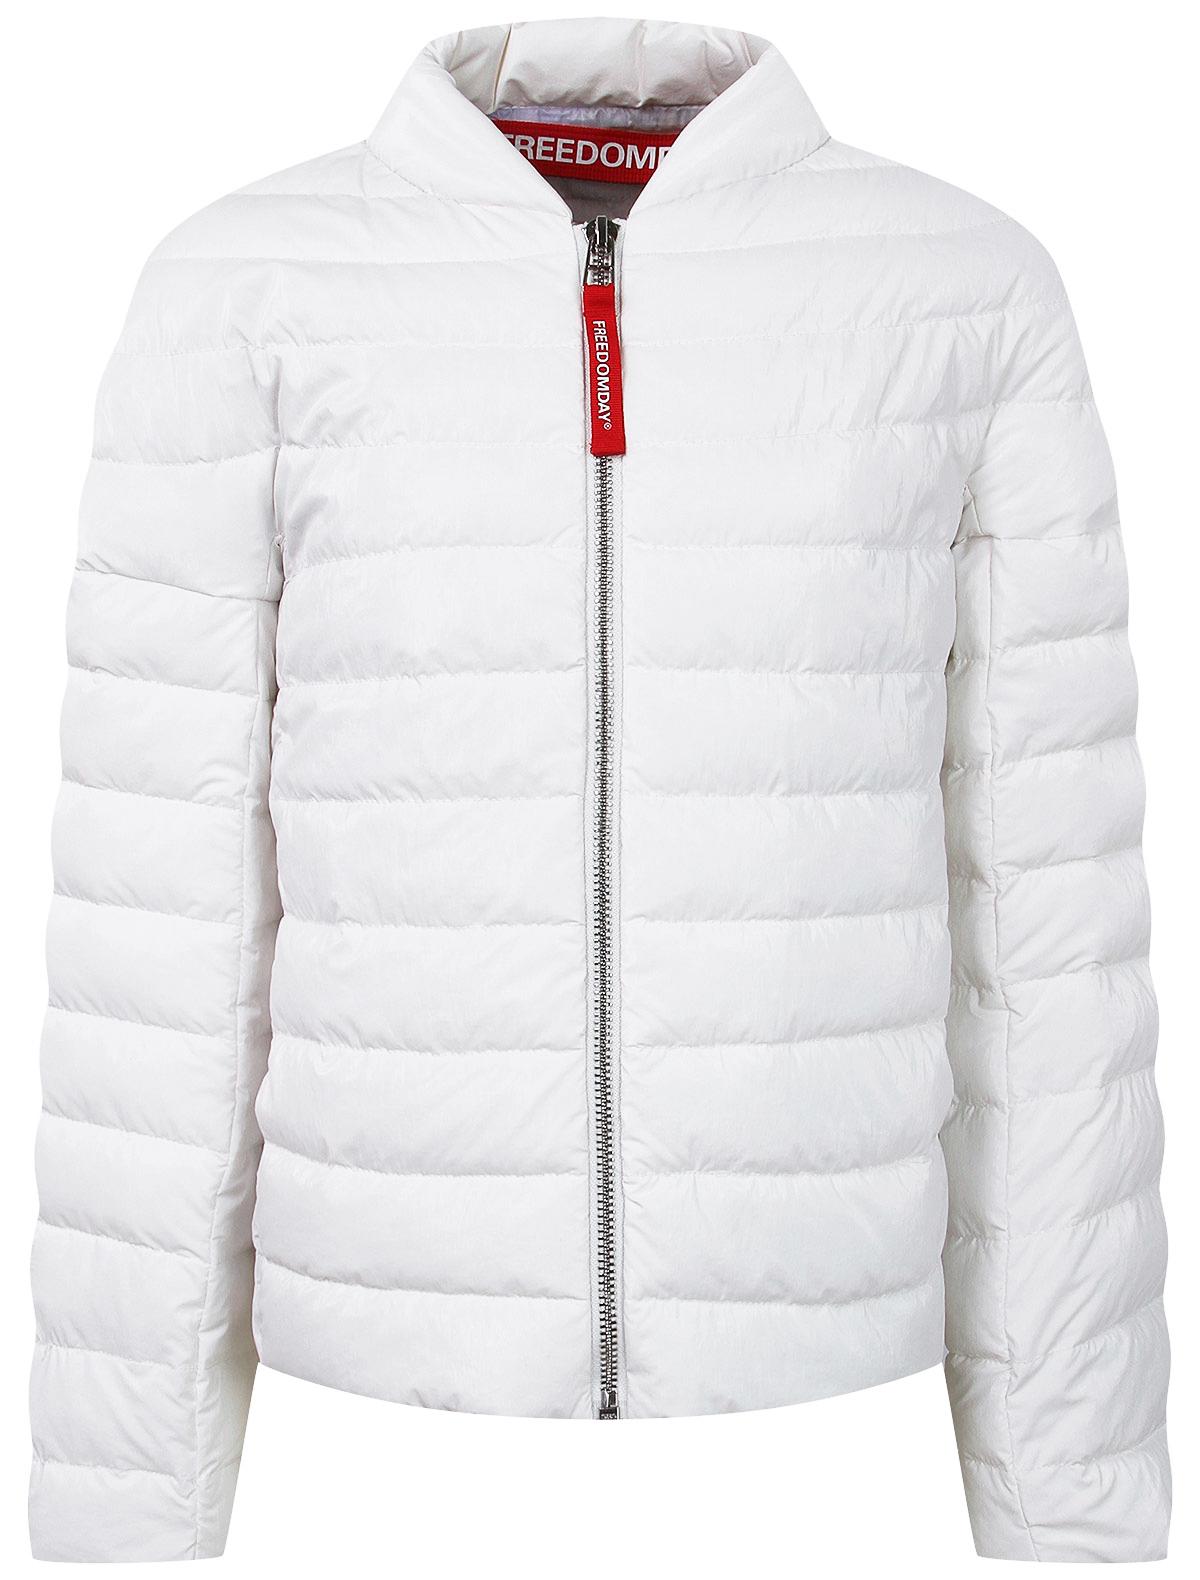 2295579, Куртка FREEDOMDAY, белый, Женский, 1074509171768  - купить со скидкой